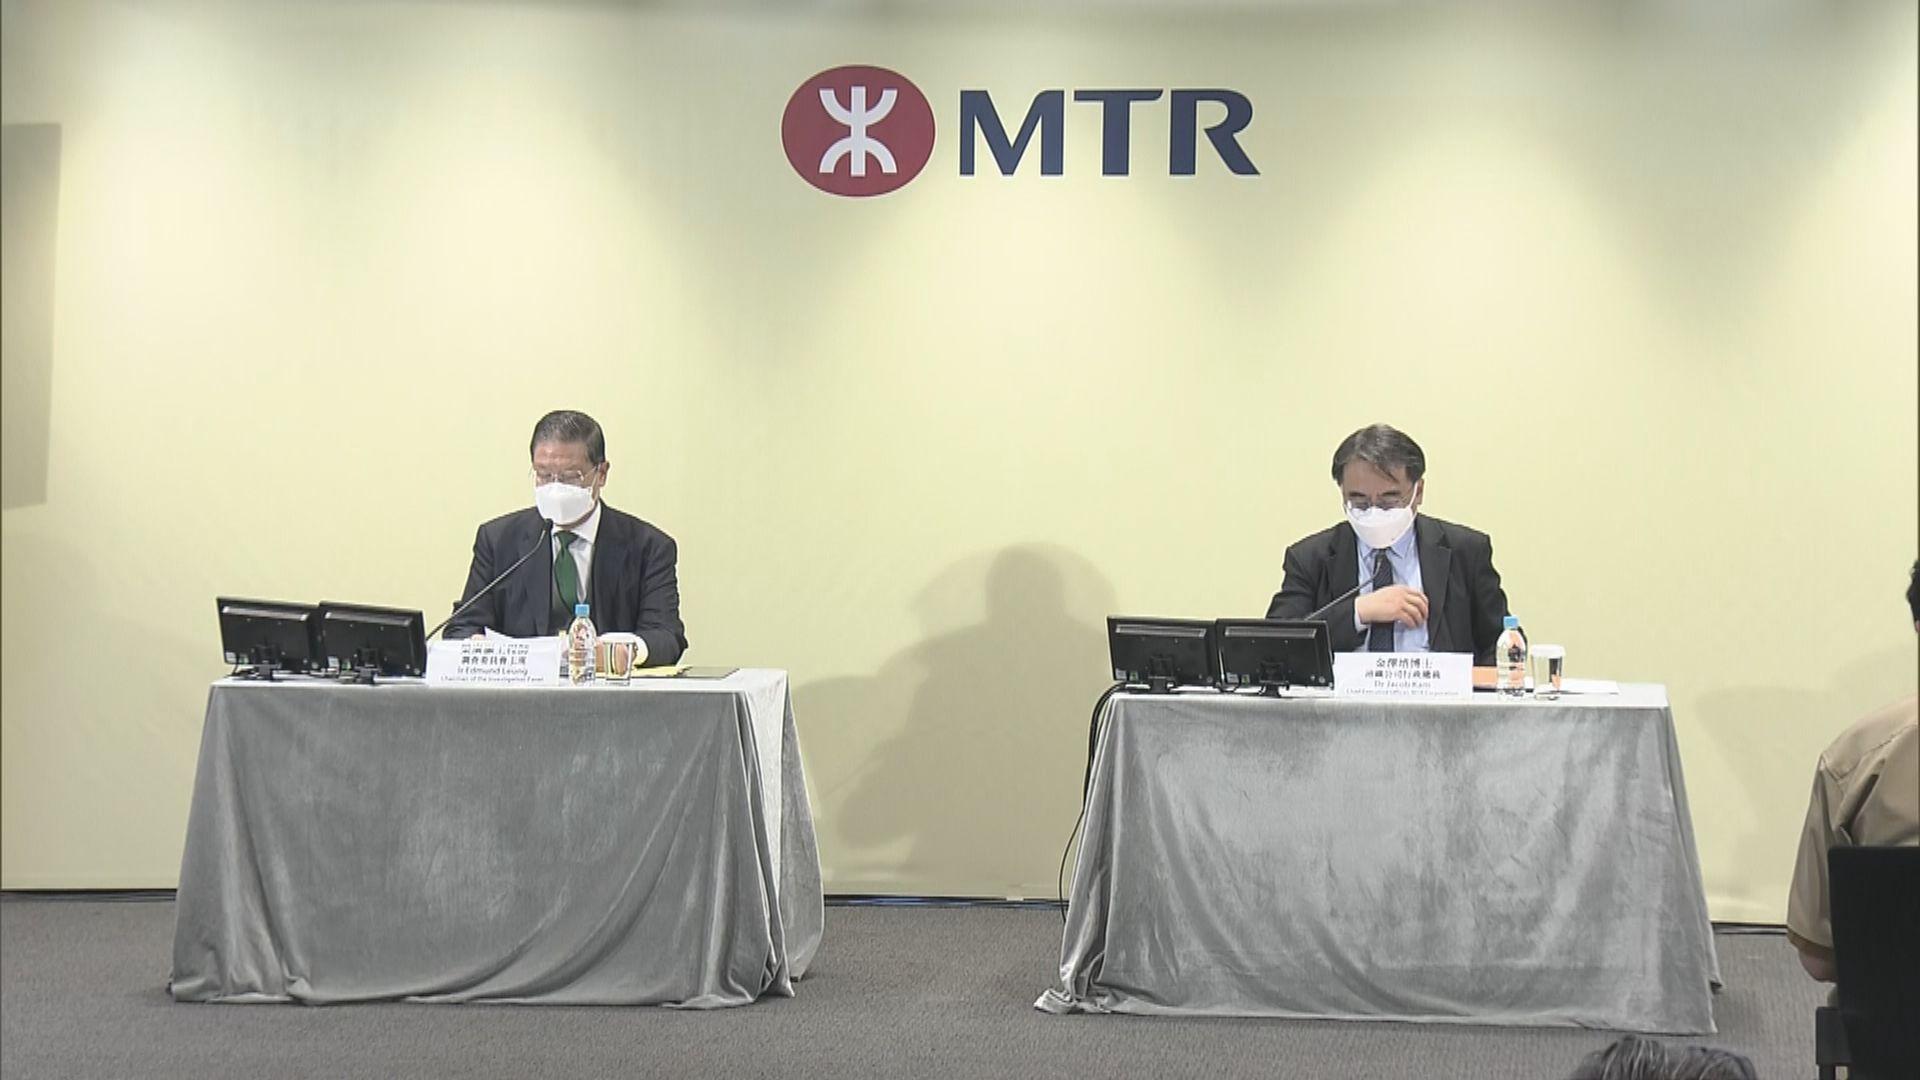 東鐵綫新信號系統調查報告 指不涉及安全問題